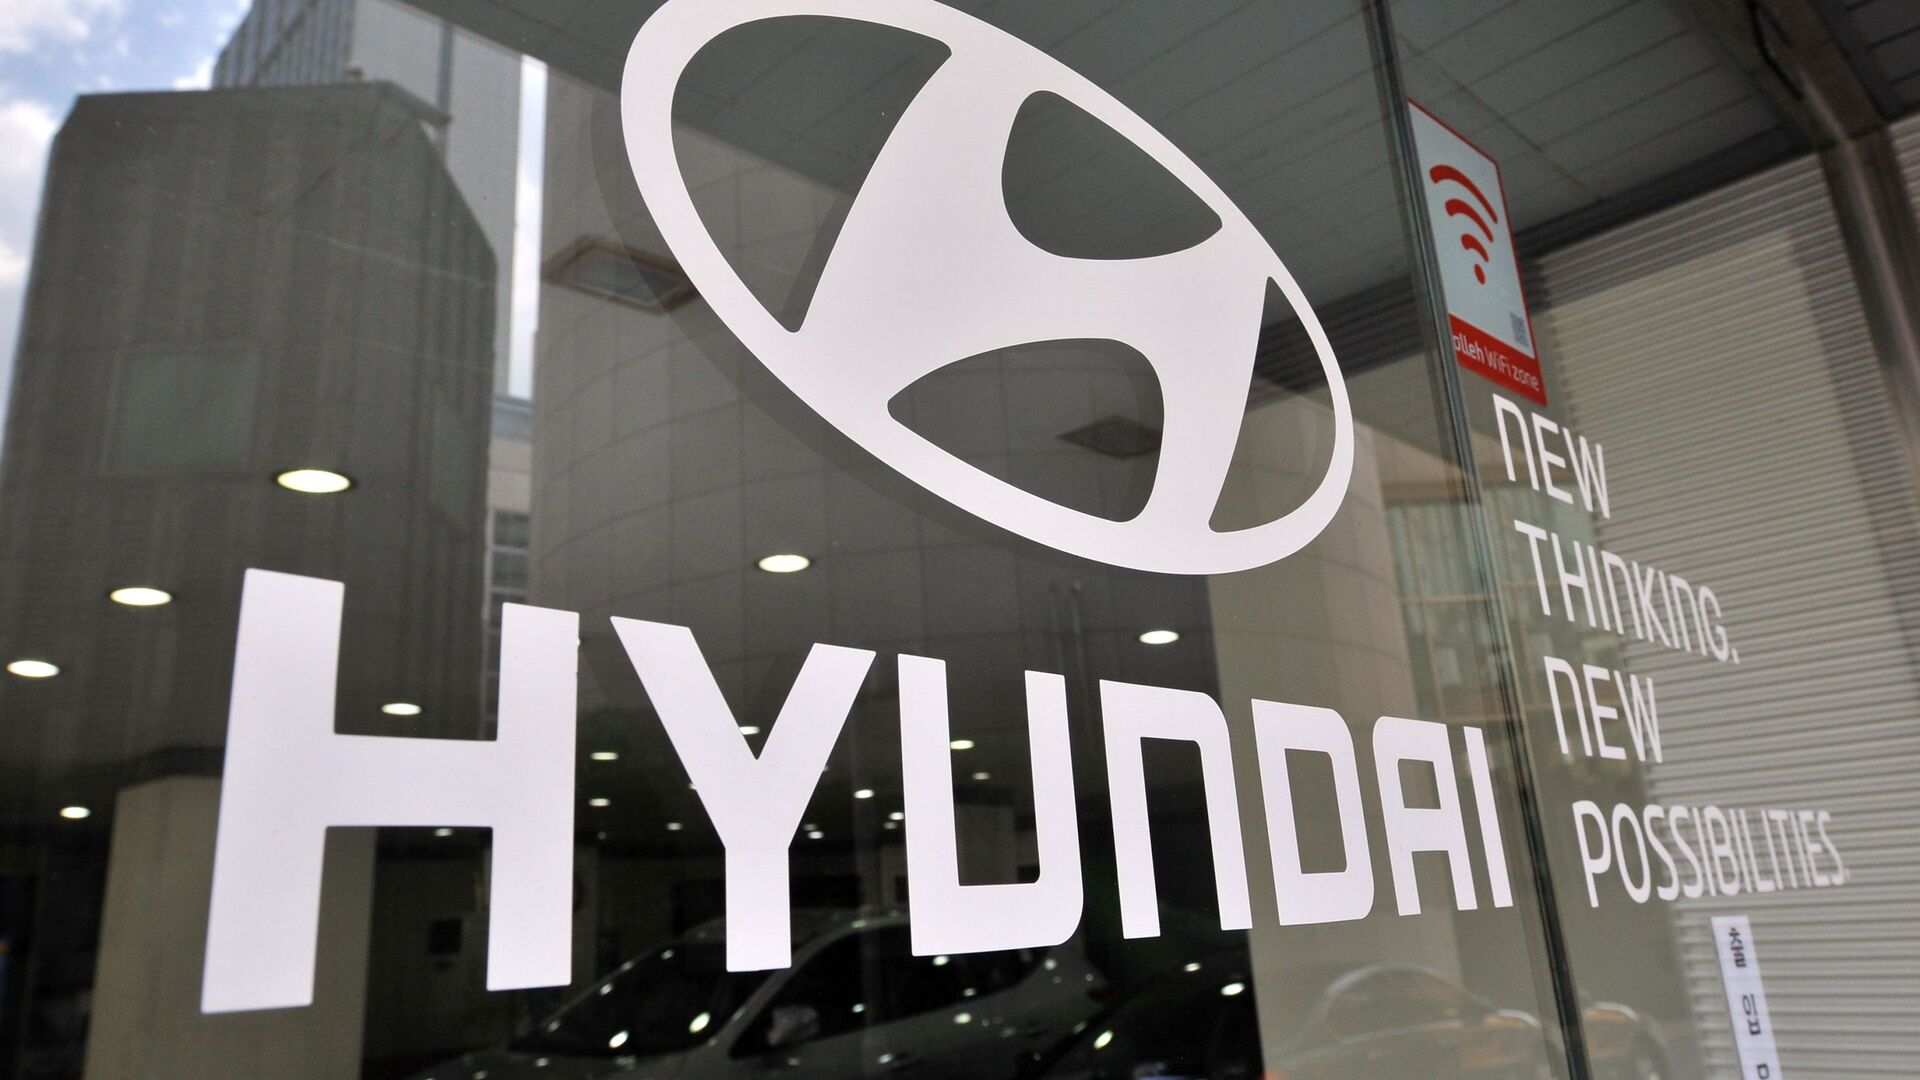 Logo de Hyundai - Sputnik Mundo, 1920, 13.06.2021